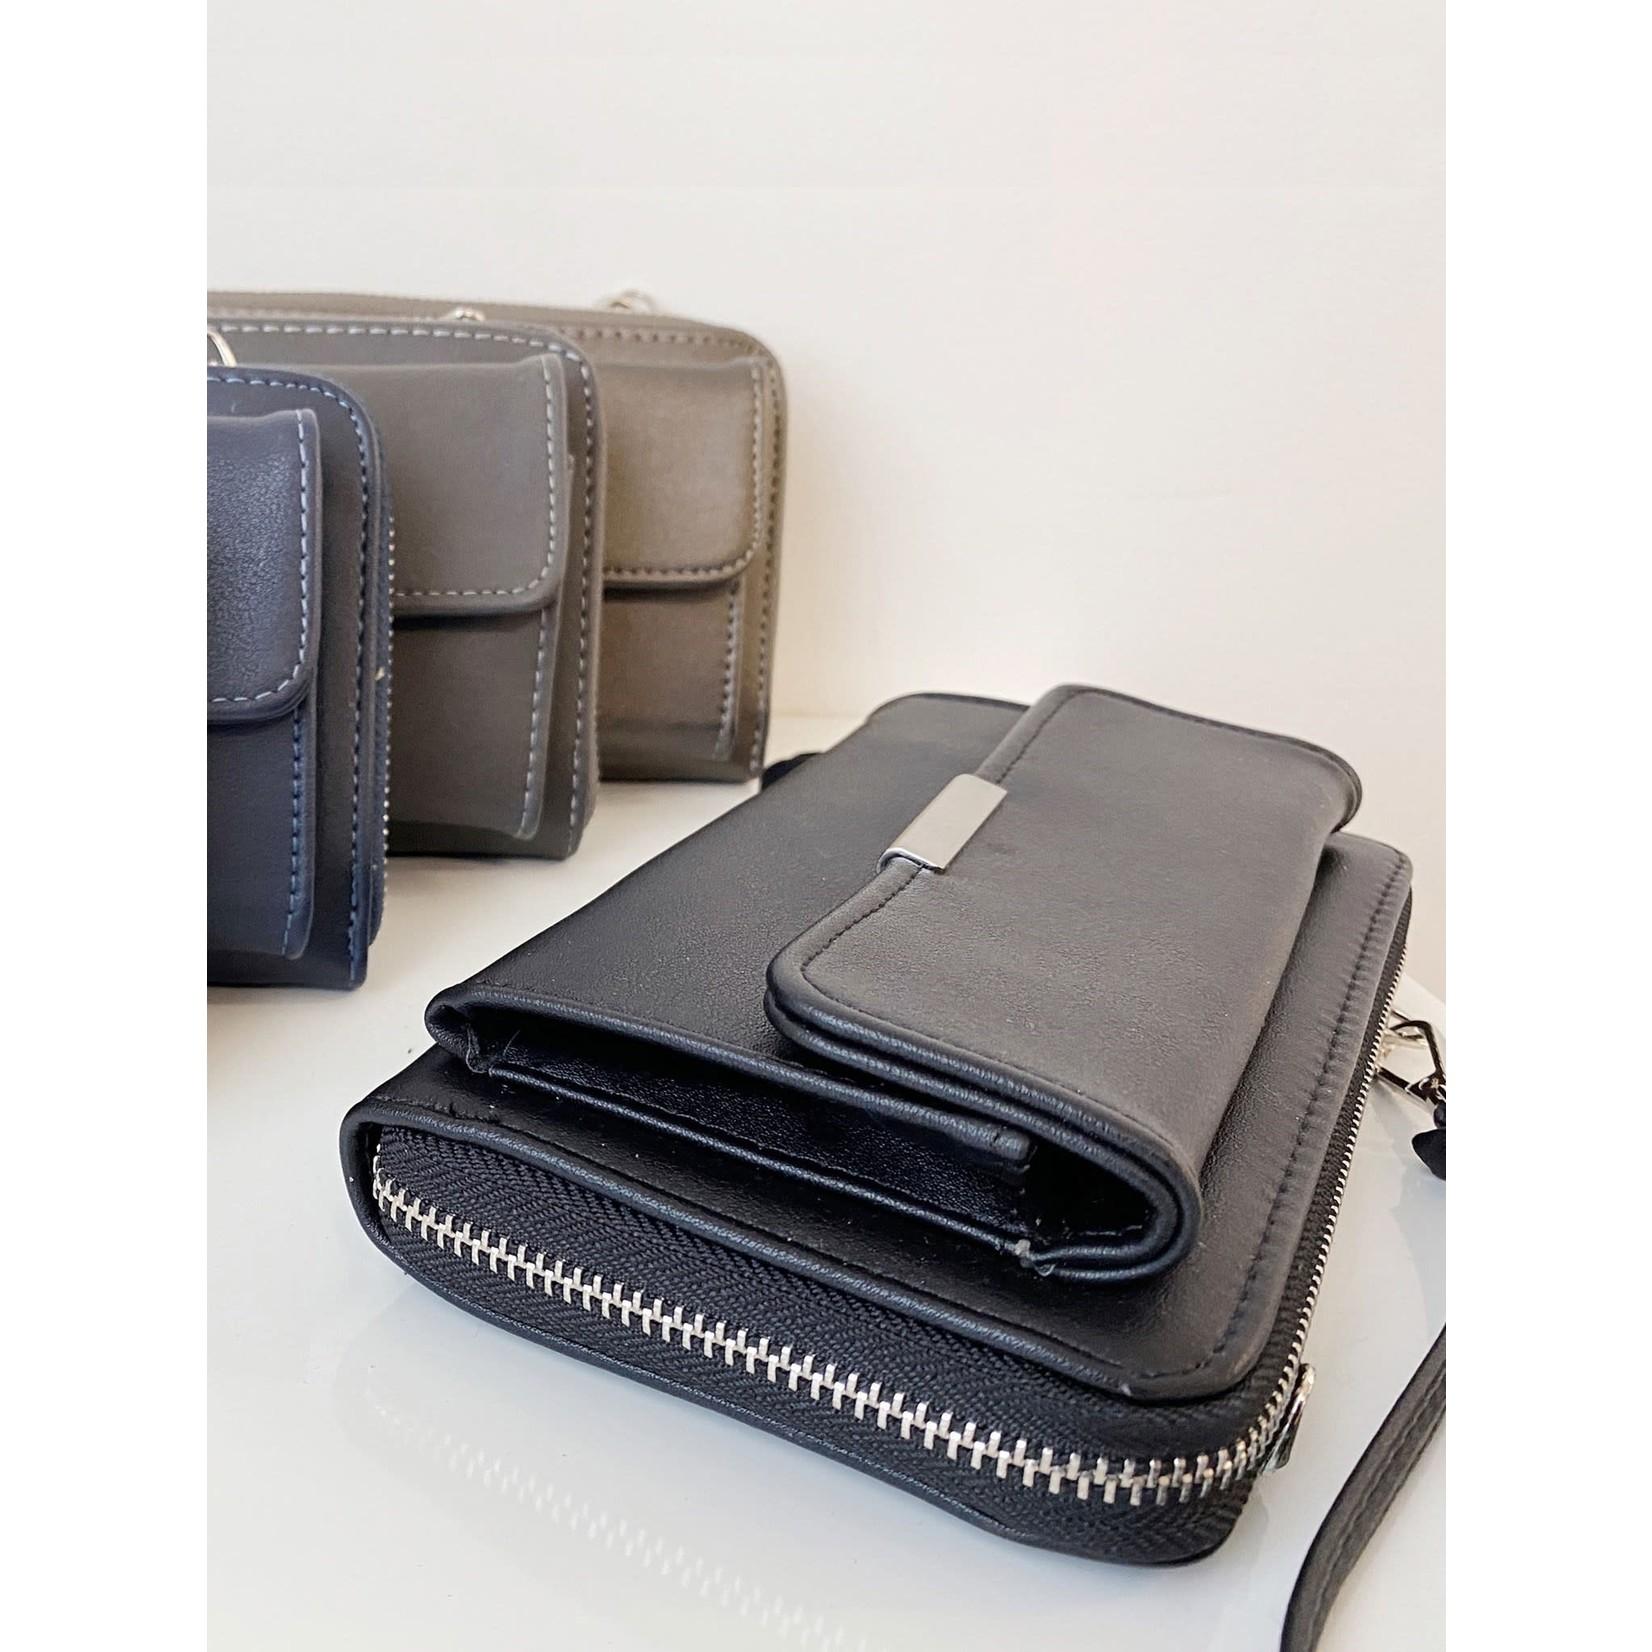 Caracol Black 2 In 1 Purse/Wallet